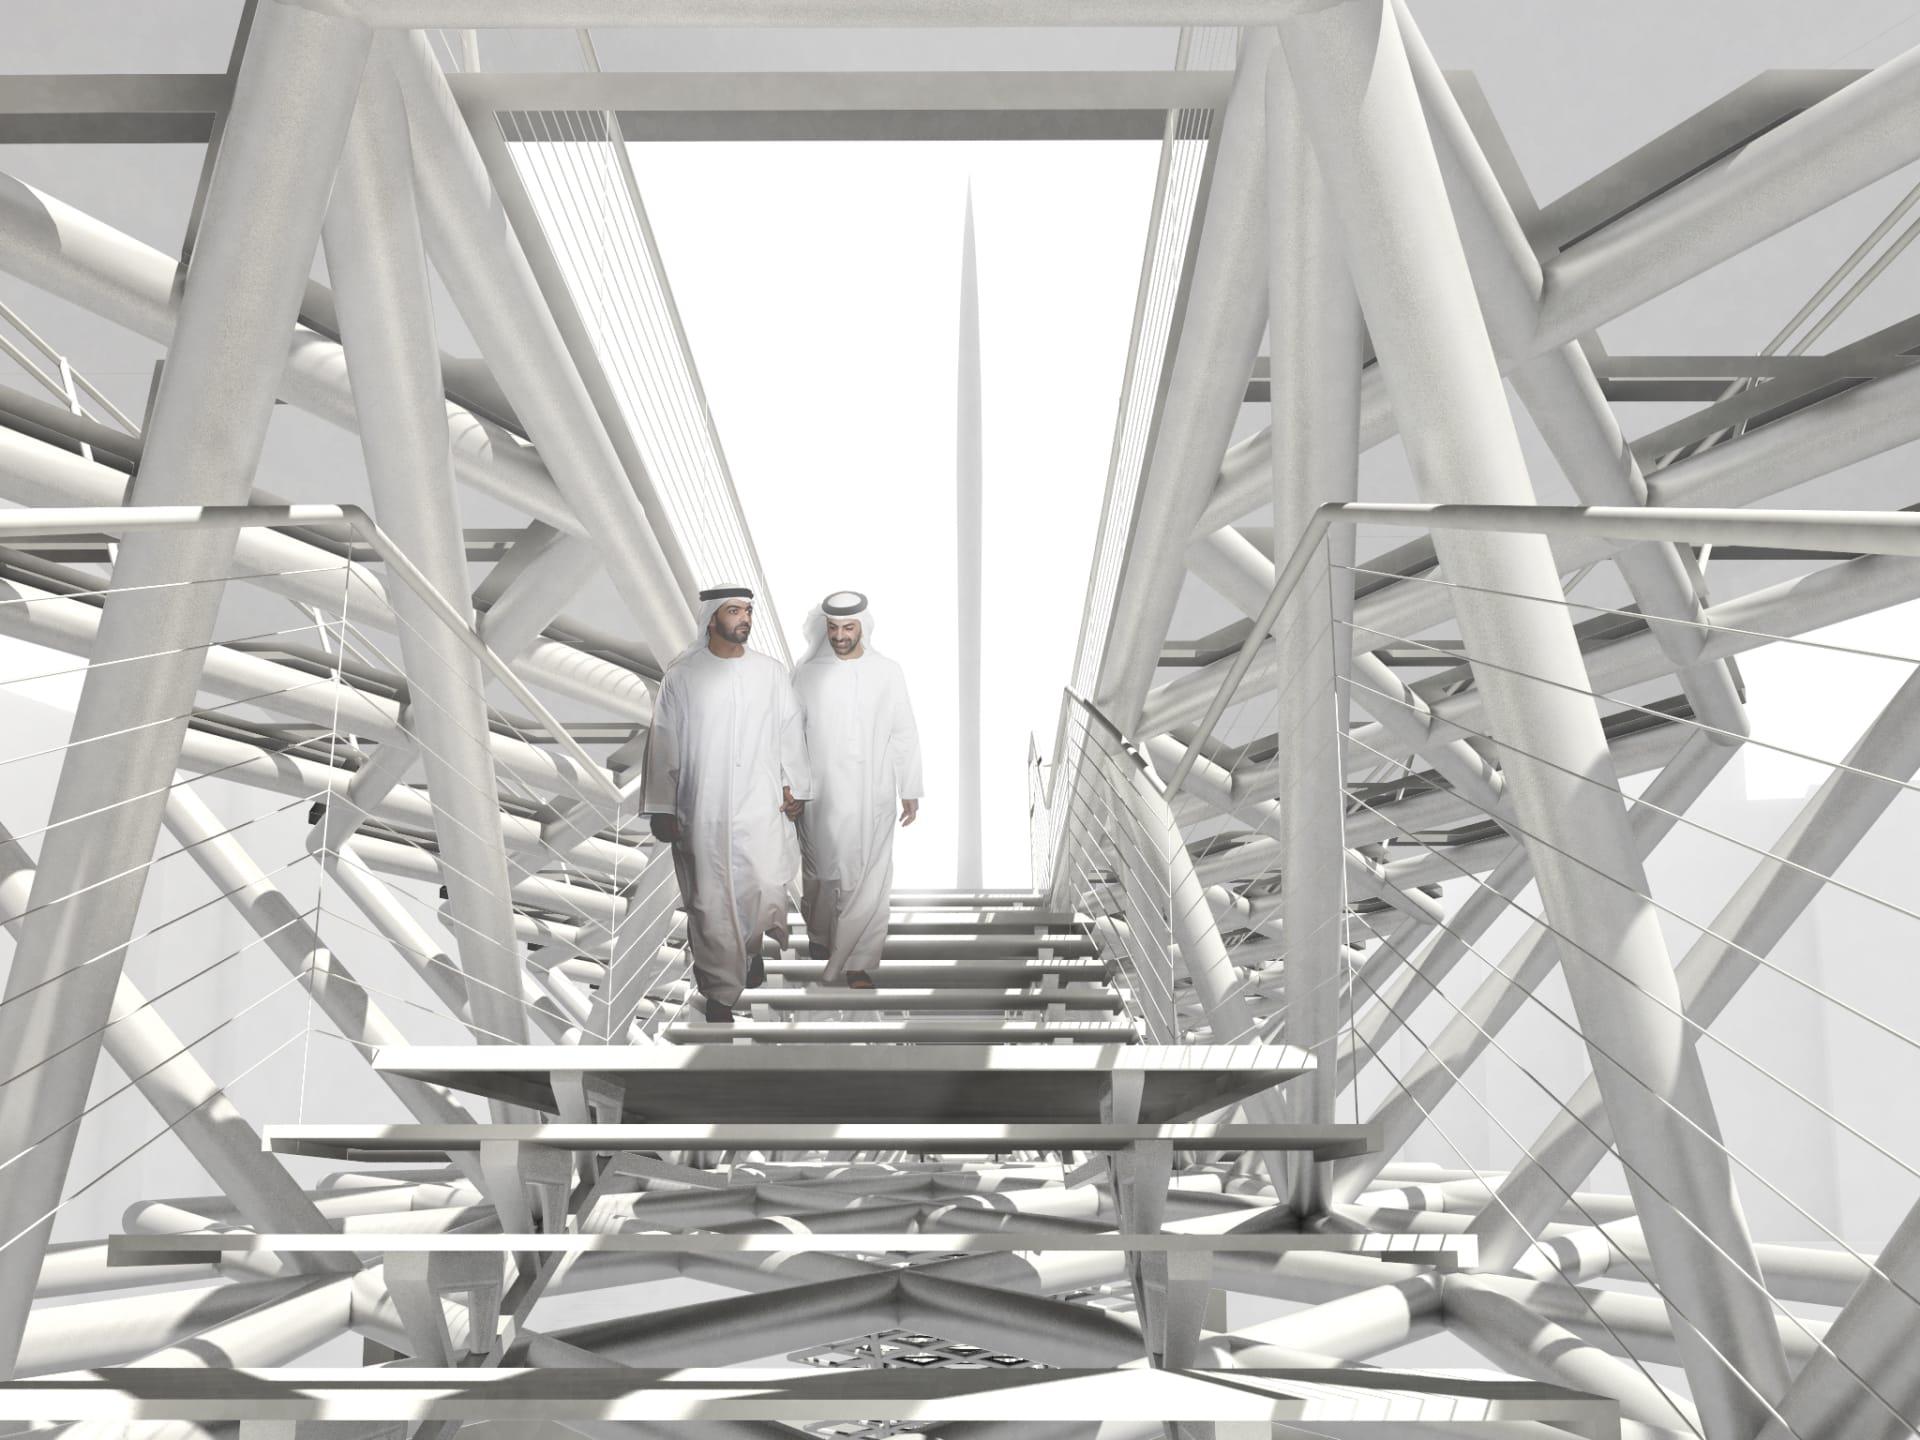 الكشف عن أحدث أعمال مشروع خور دبي العملاق..جسر للمشاة سيؤدي إلى أطول برج في العالم